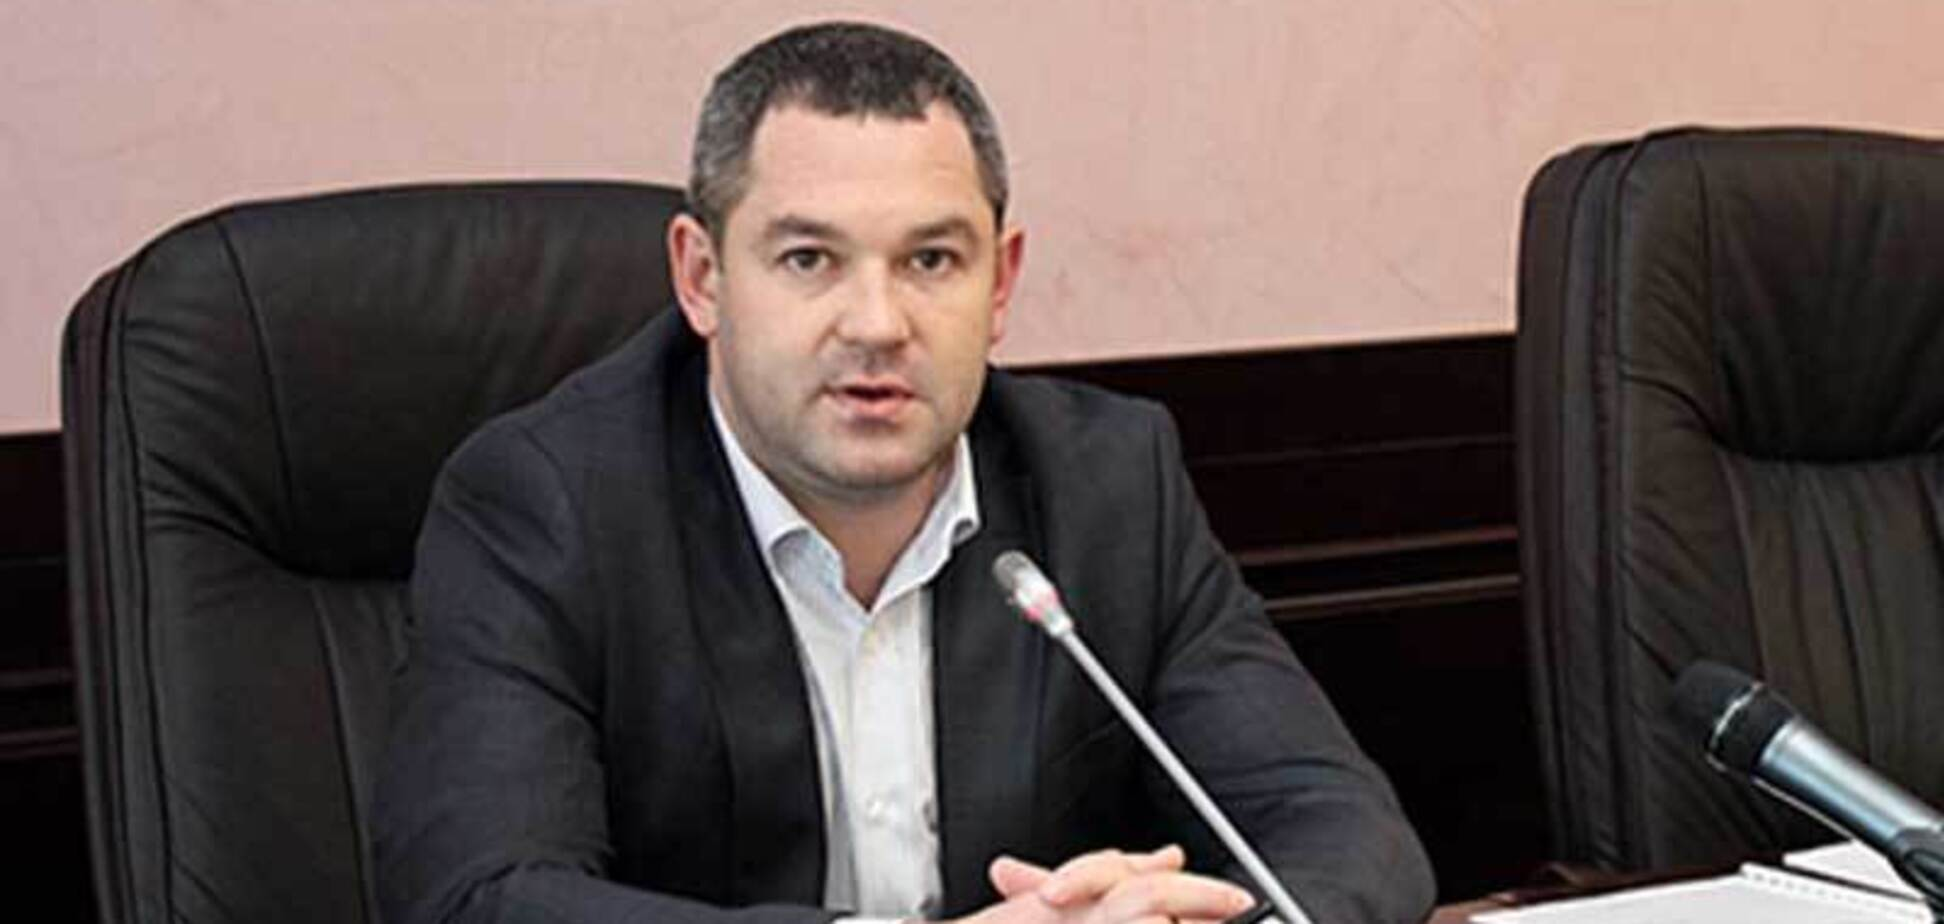 Глава Государственной фискальной службы Продан уволился